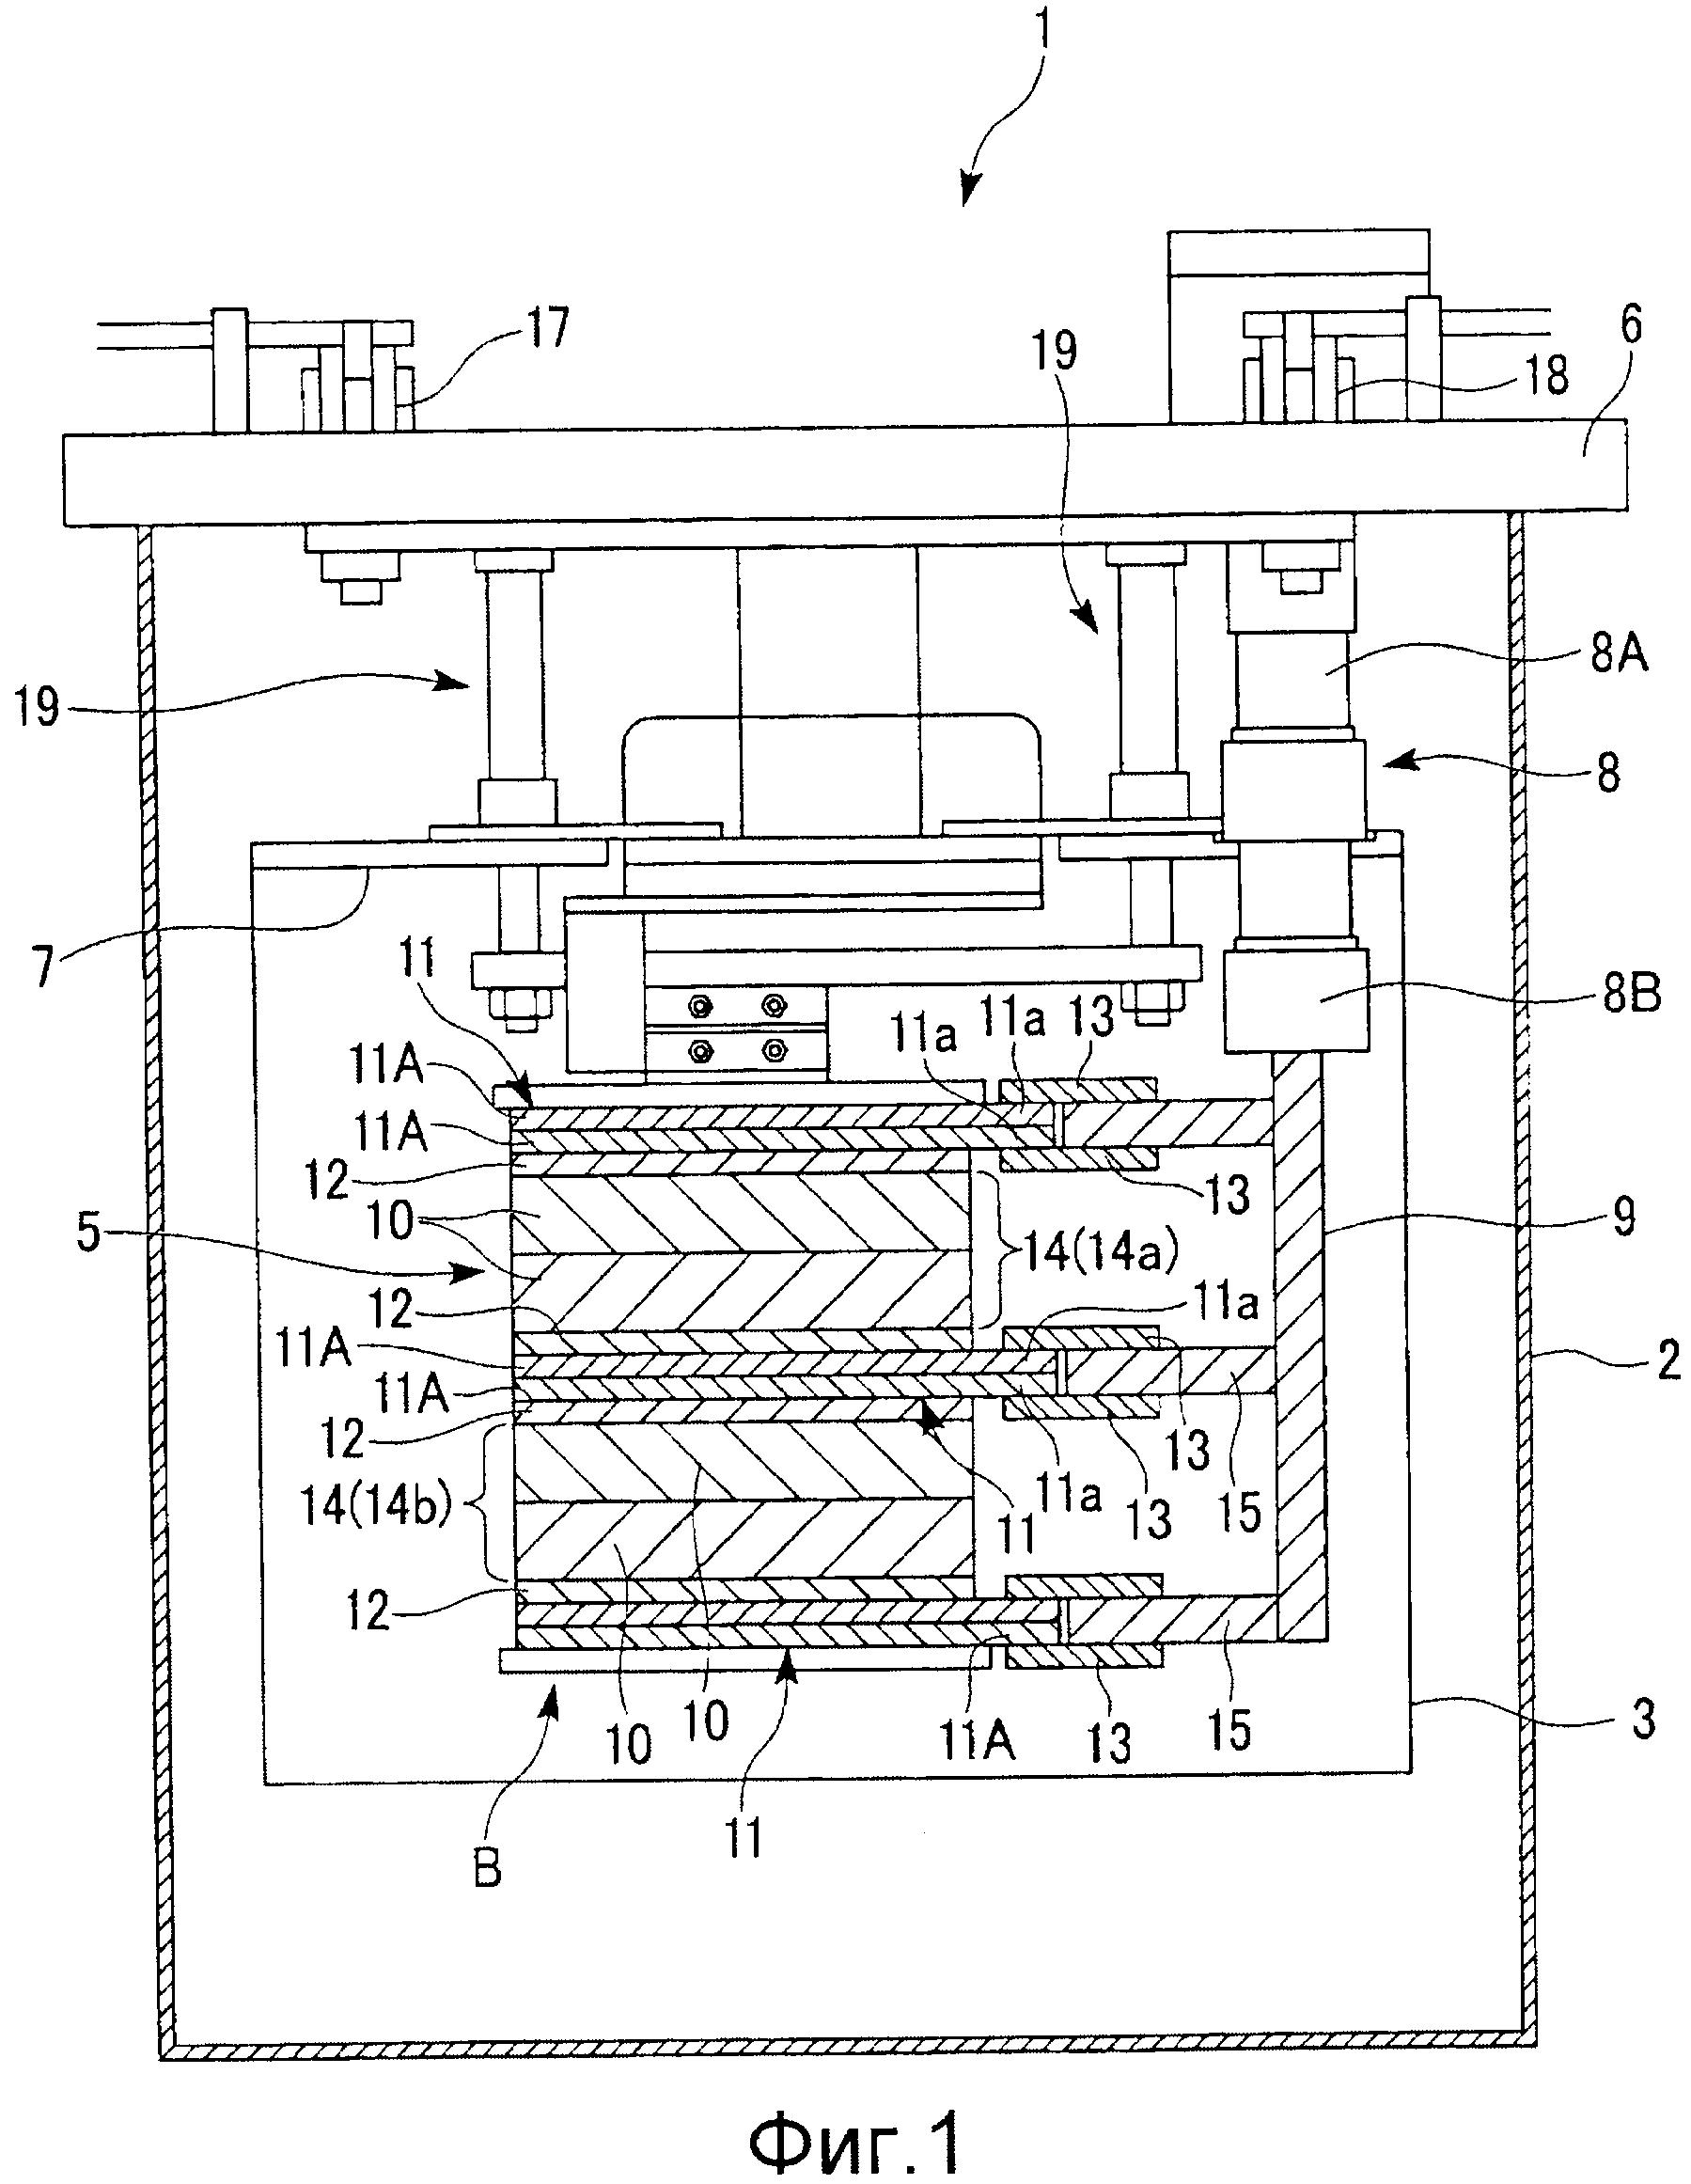 Сверхпроводящая катушка и сверхпроводящее устройство